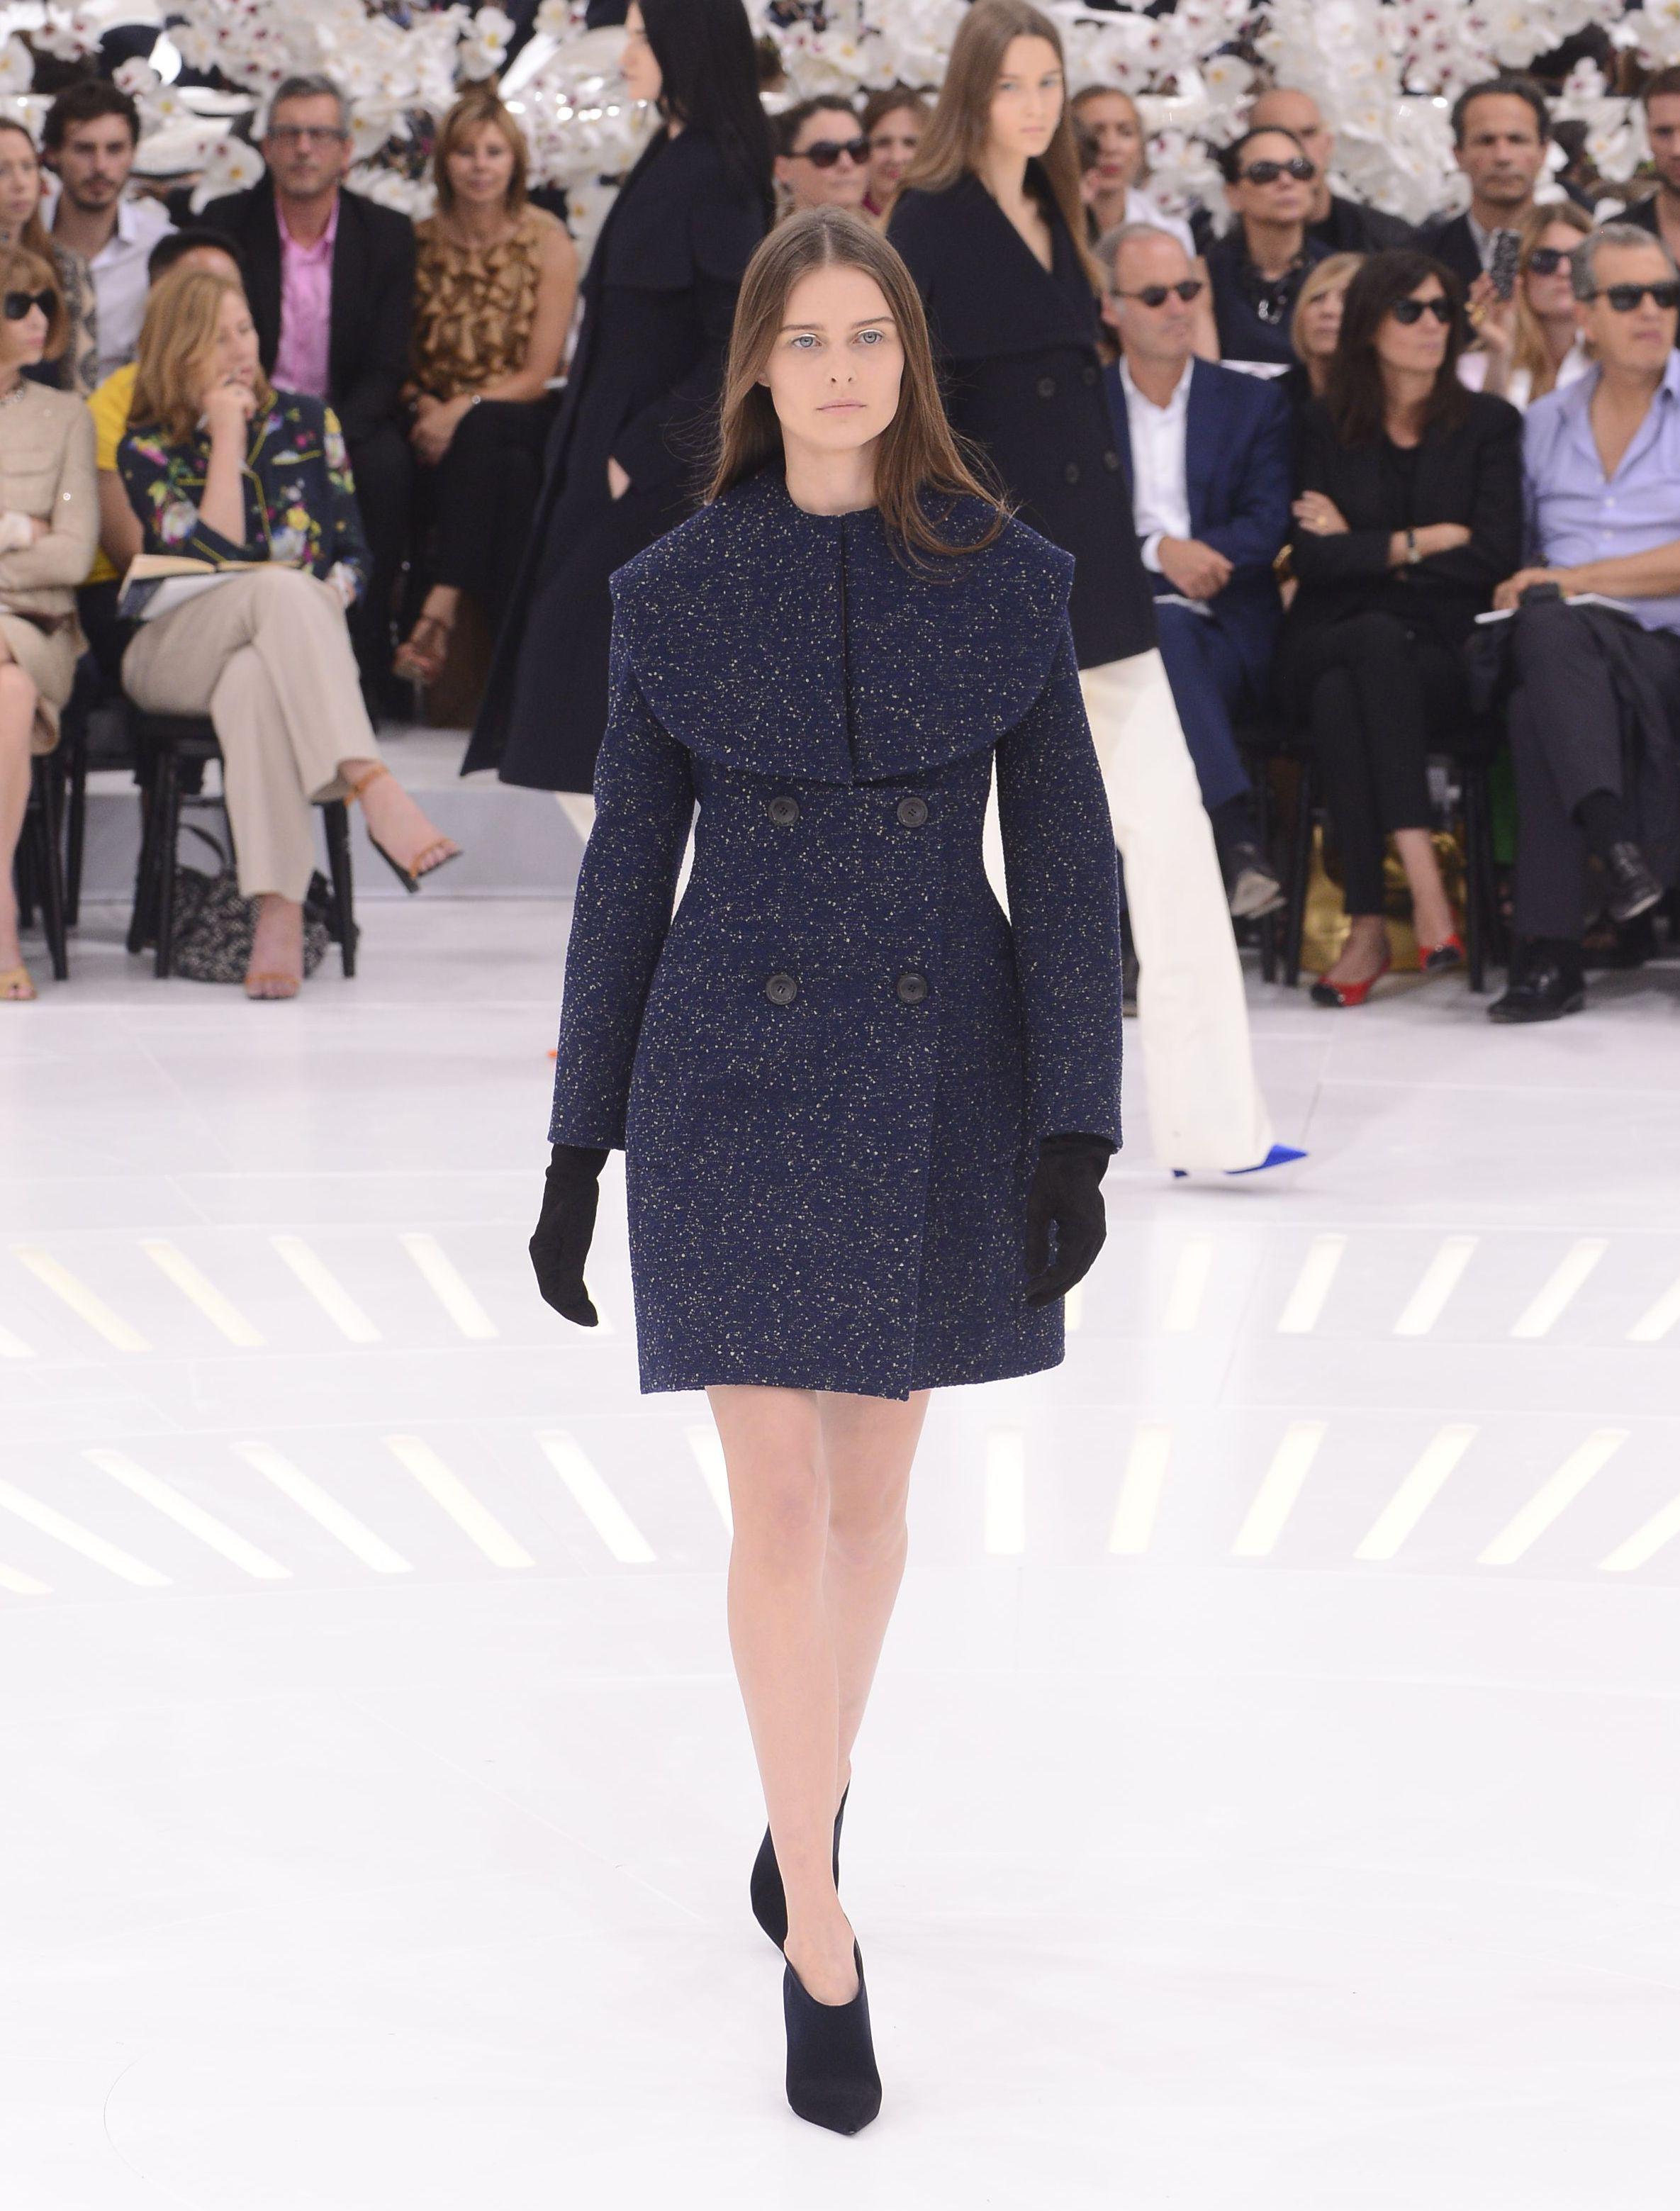 Christian Dior show, Haute Couture Fall Winter 2014, Paris Fashion Week, France - 07 Jul 2014